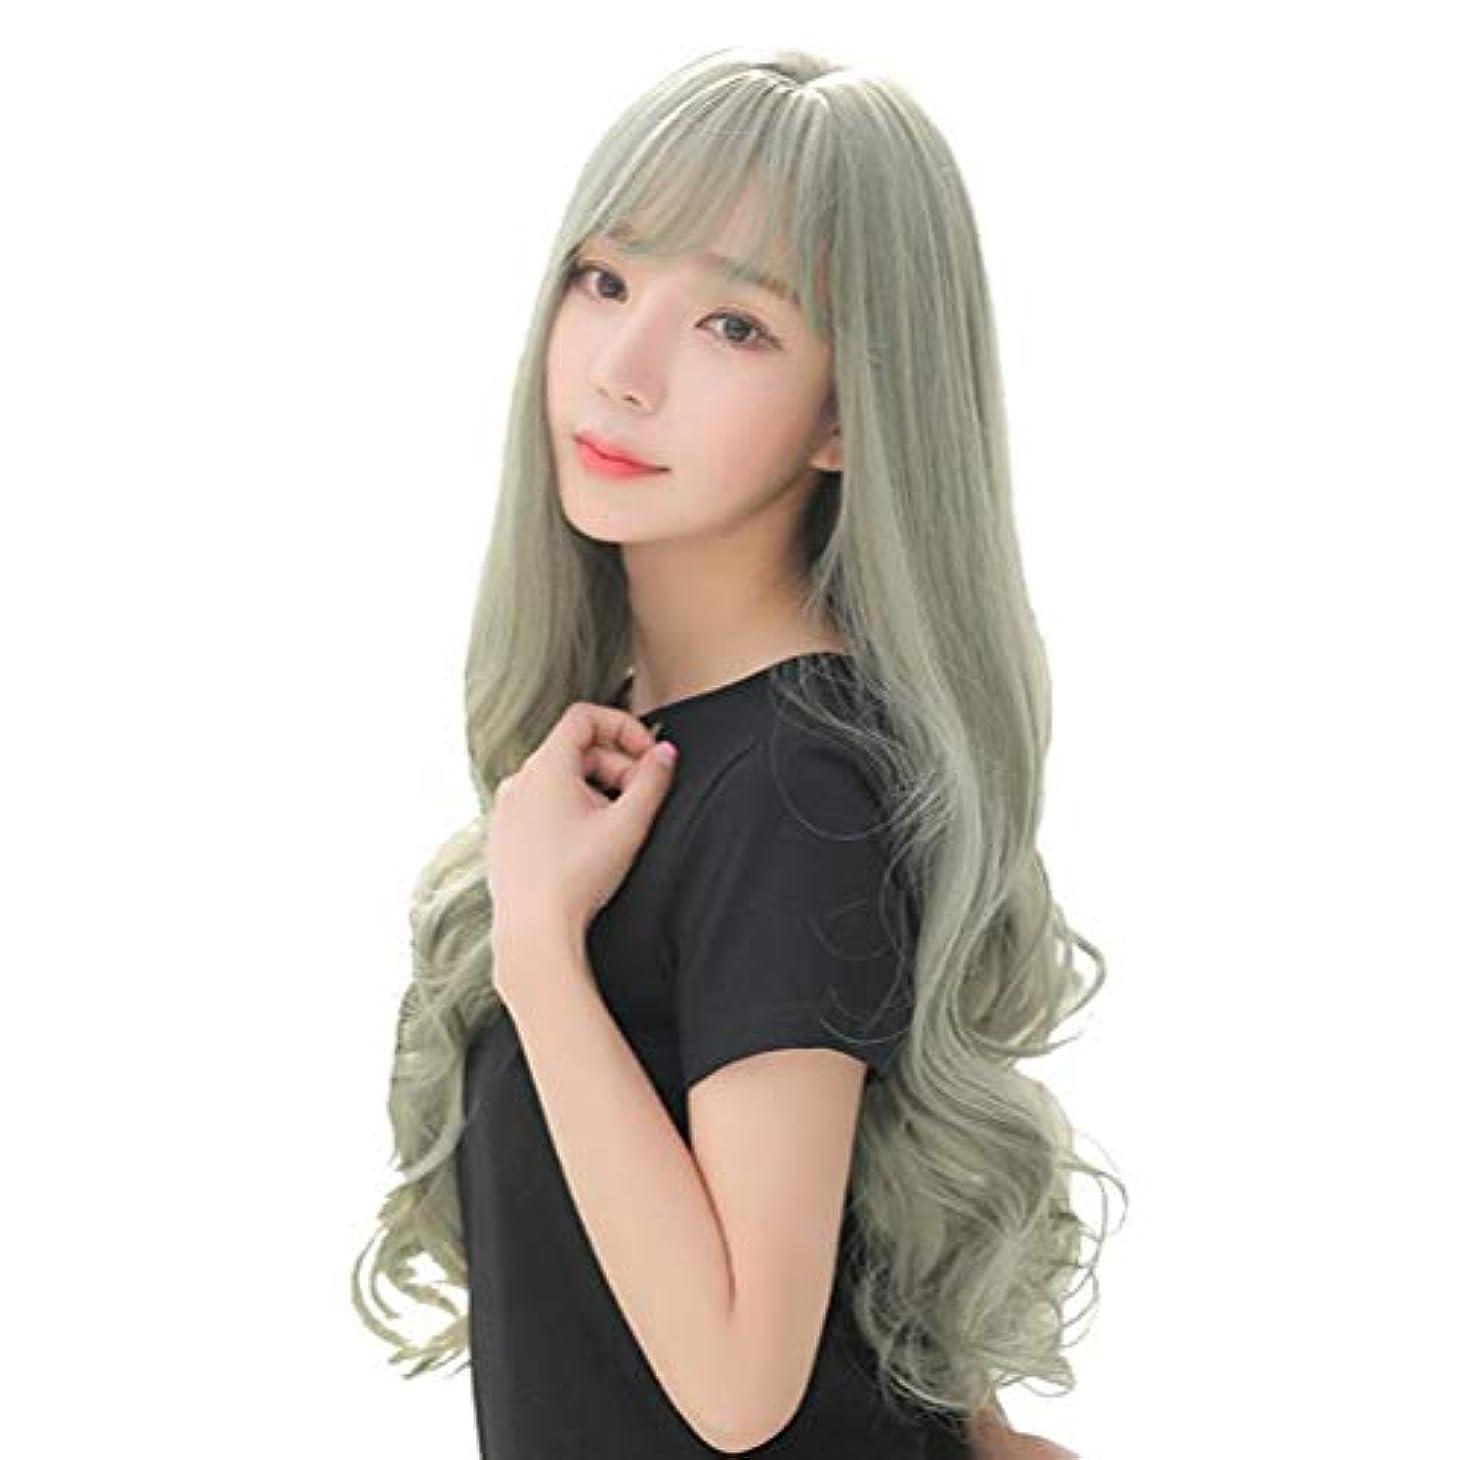 公伝導量かつら女性アッシュグリーン高温シルク長い巻き毛ビッグウェーブ空気前髪 LH2203 (アッシュグリーン)